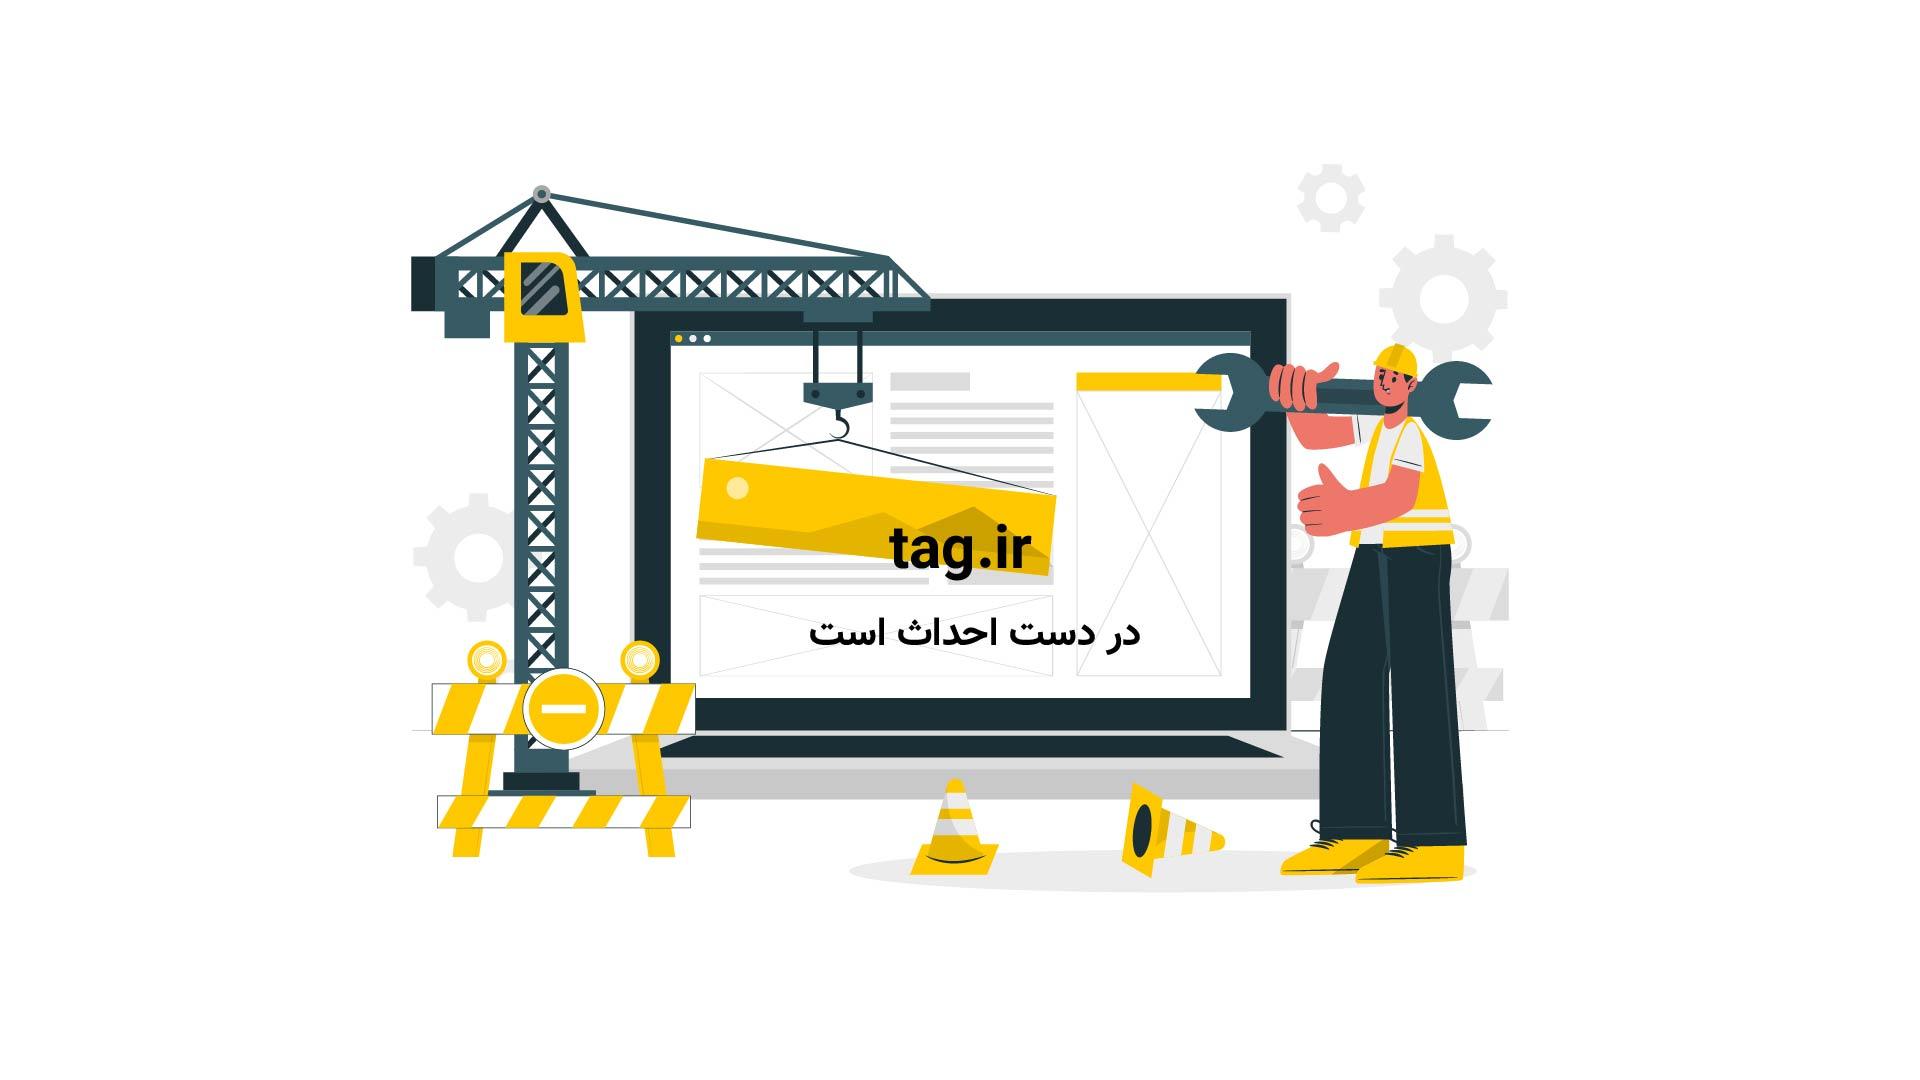 پرتاب موشک از نگاه دوربین 360 درجه|تگ